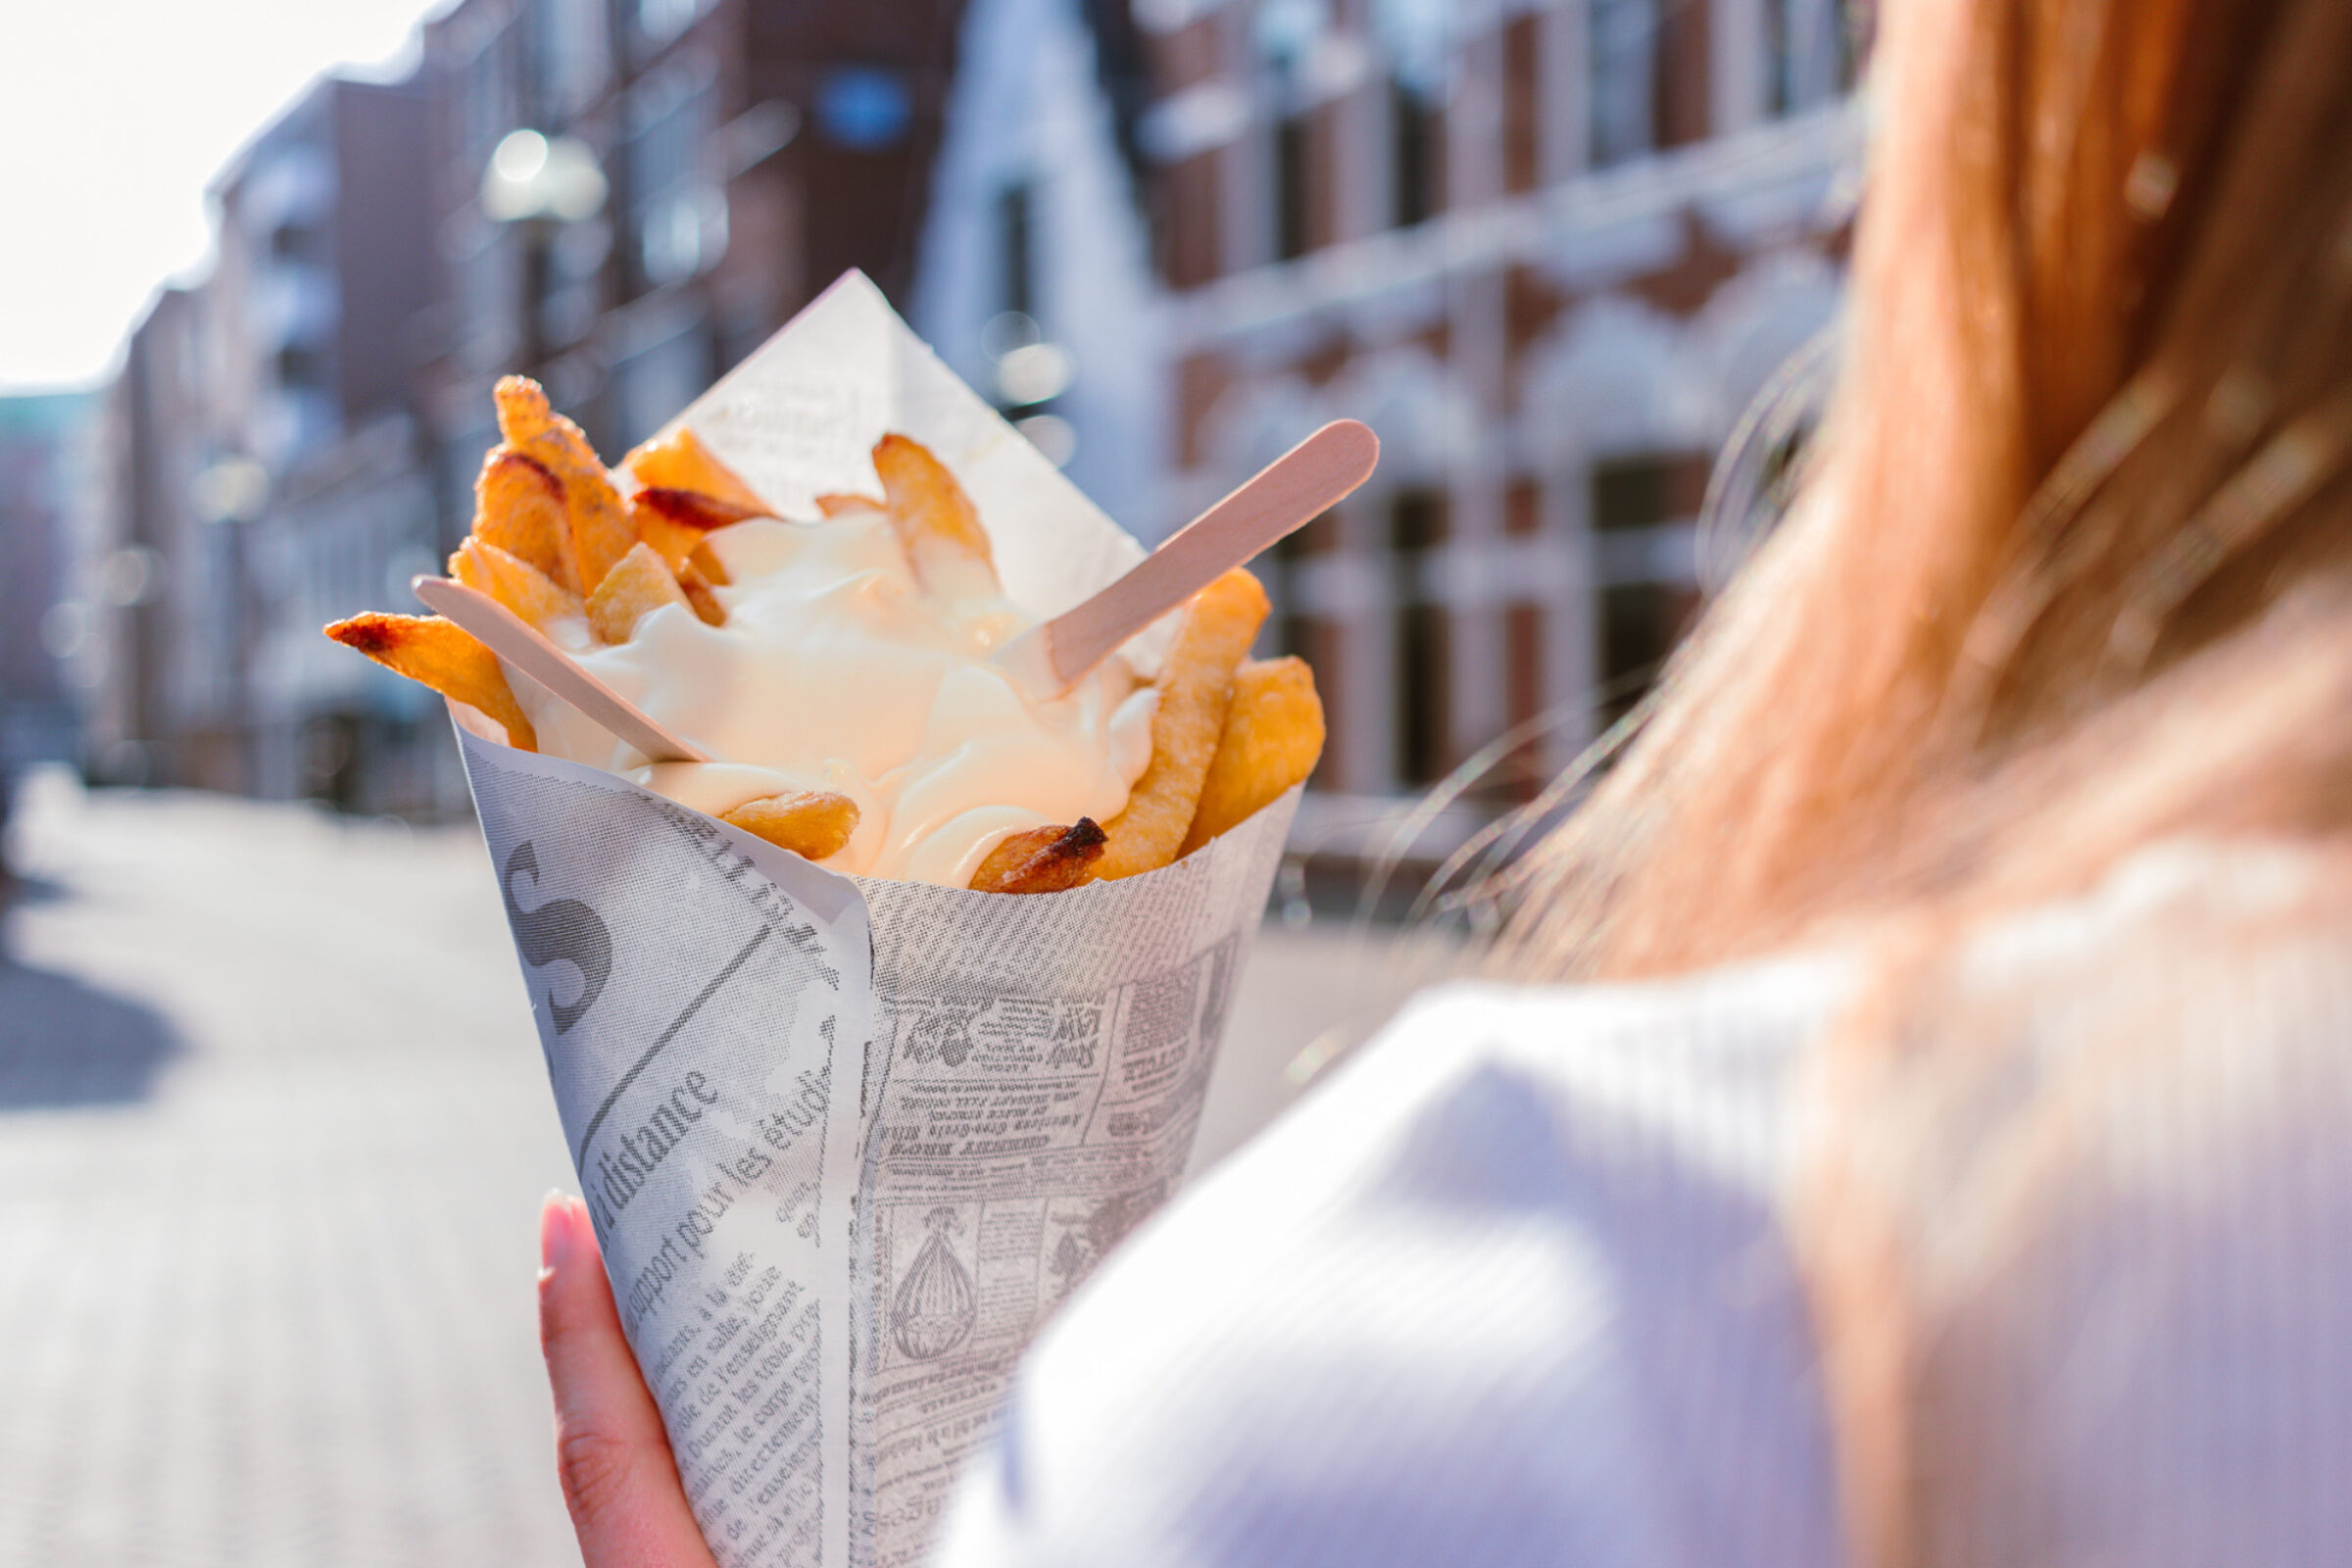 Patat friet Enschede